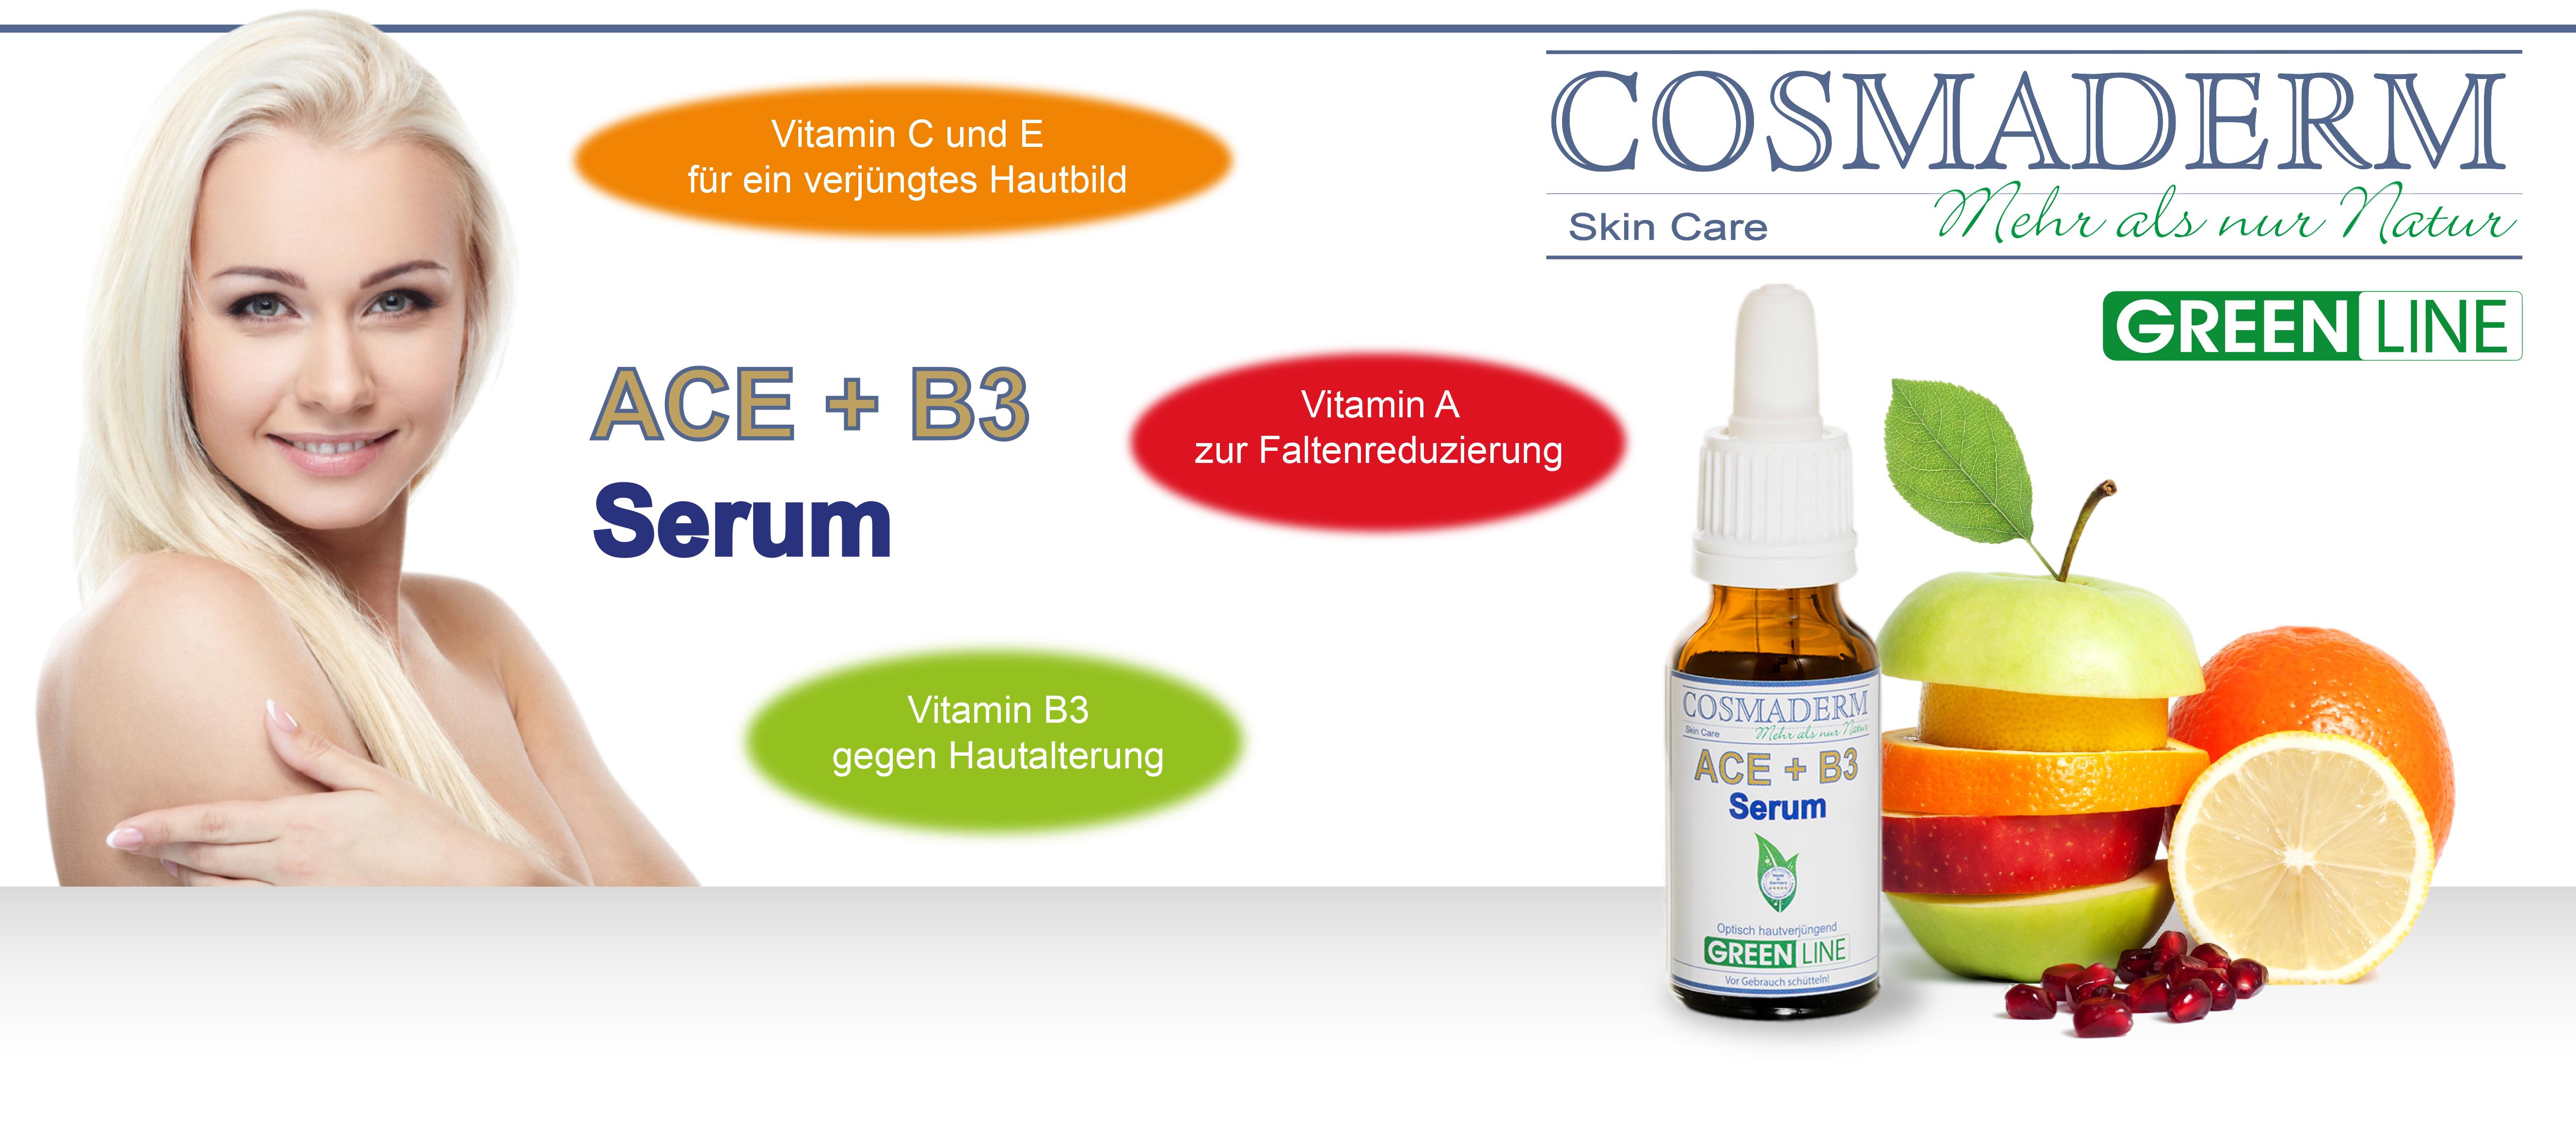 ACE + B3 Serum